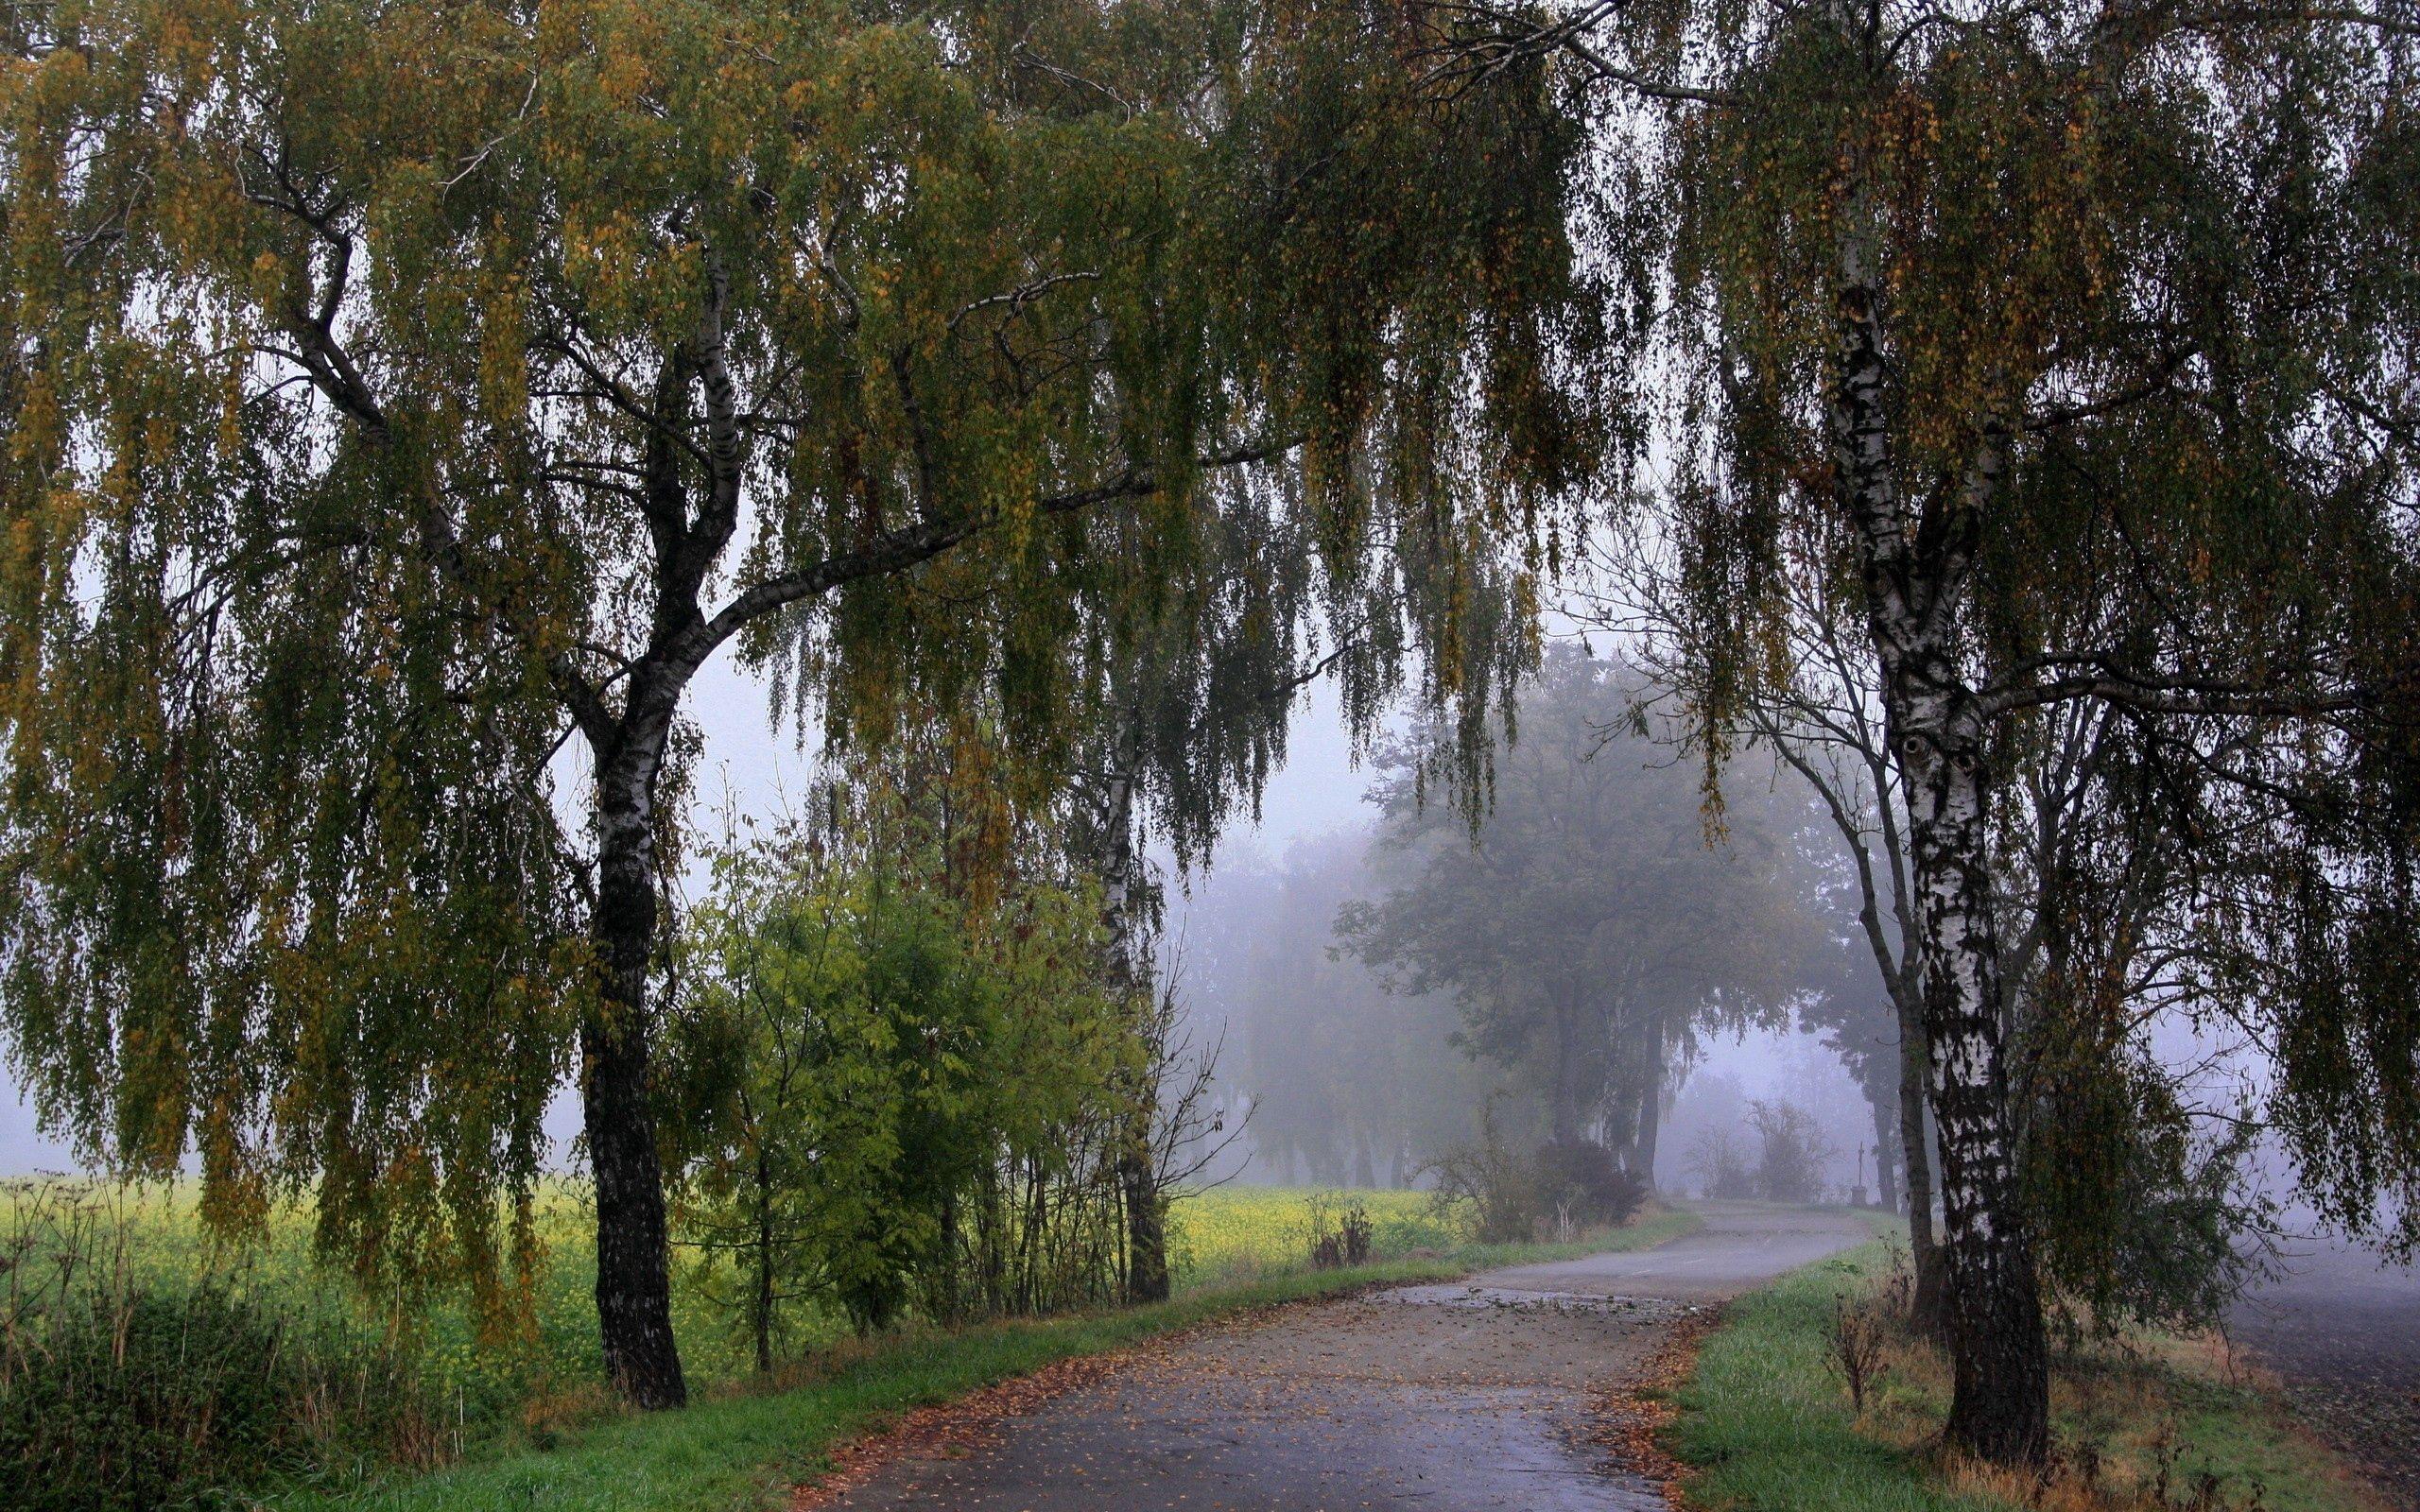 139590壁紙のダウンロード自然, 公園, 散歩, 草, 木-スクリーンセーバーと写真を無料で